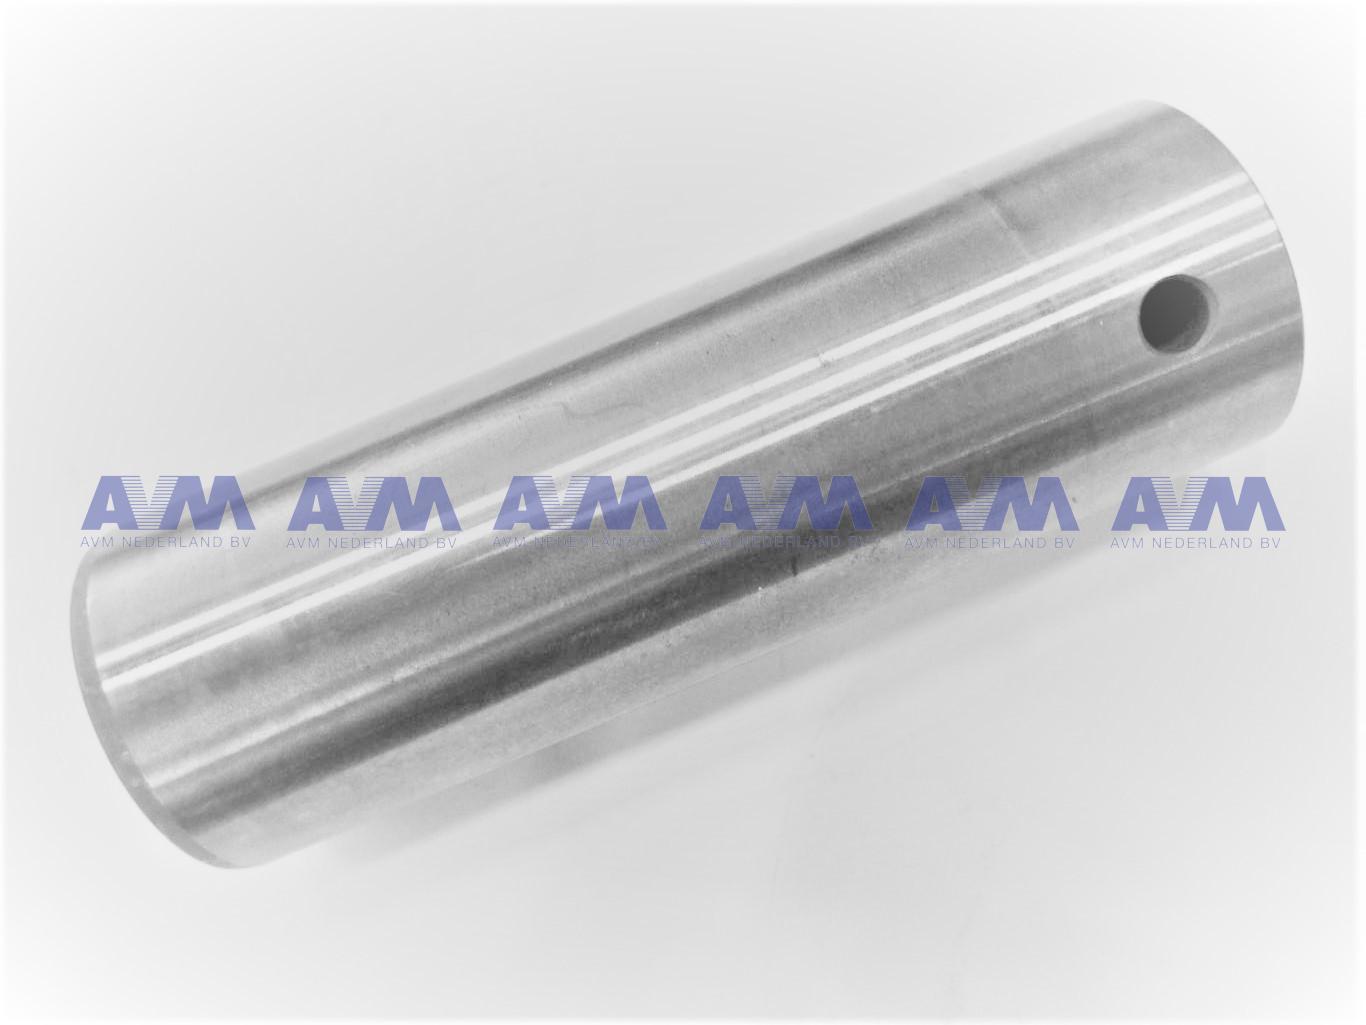 Pen eindplanetair 35,1x105 mm Kessler